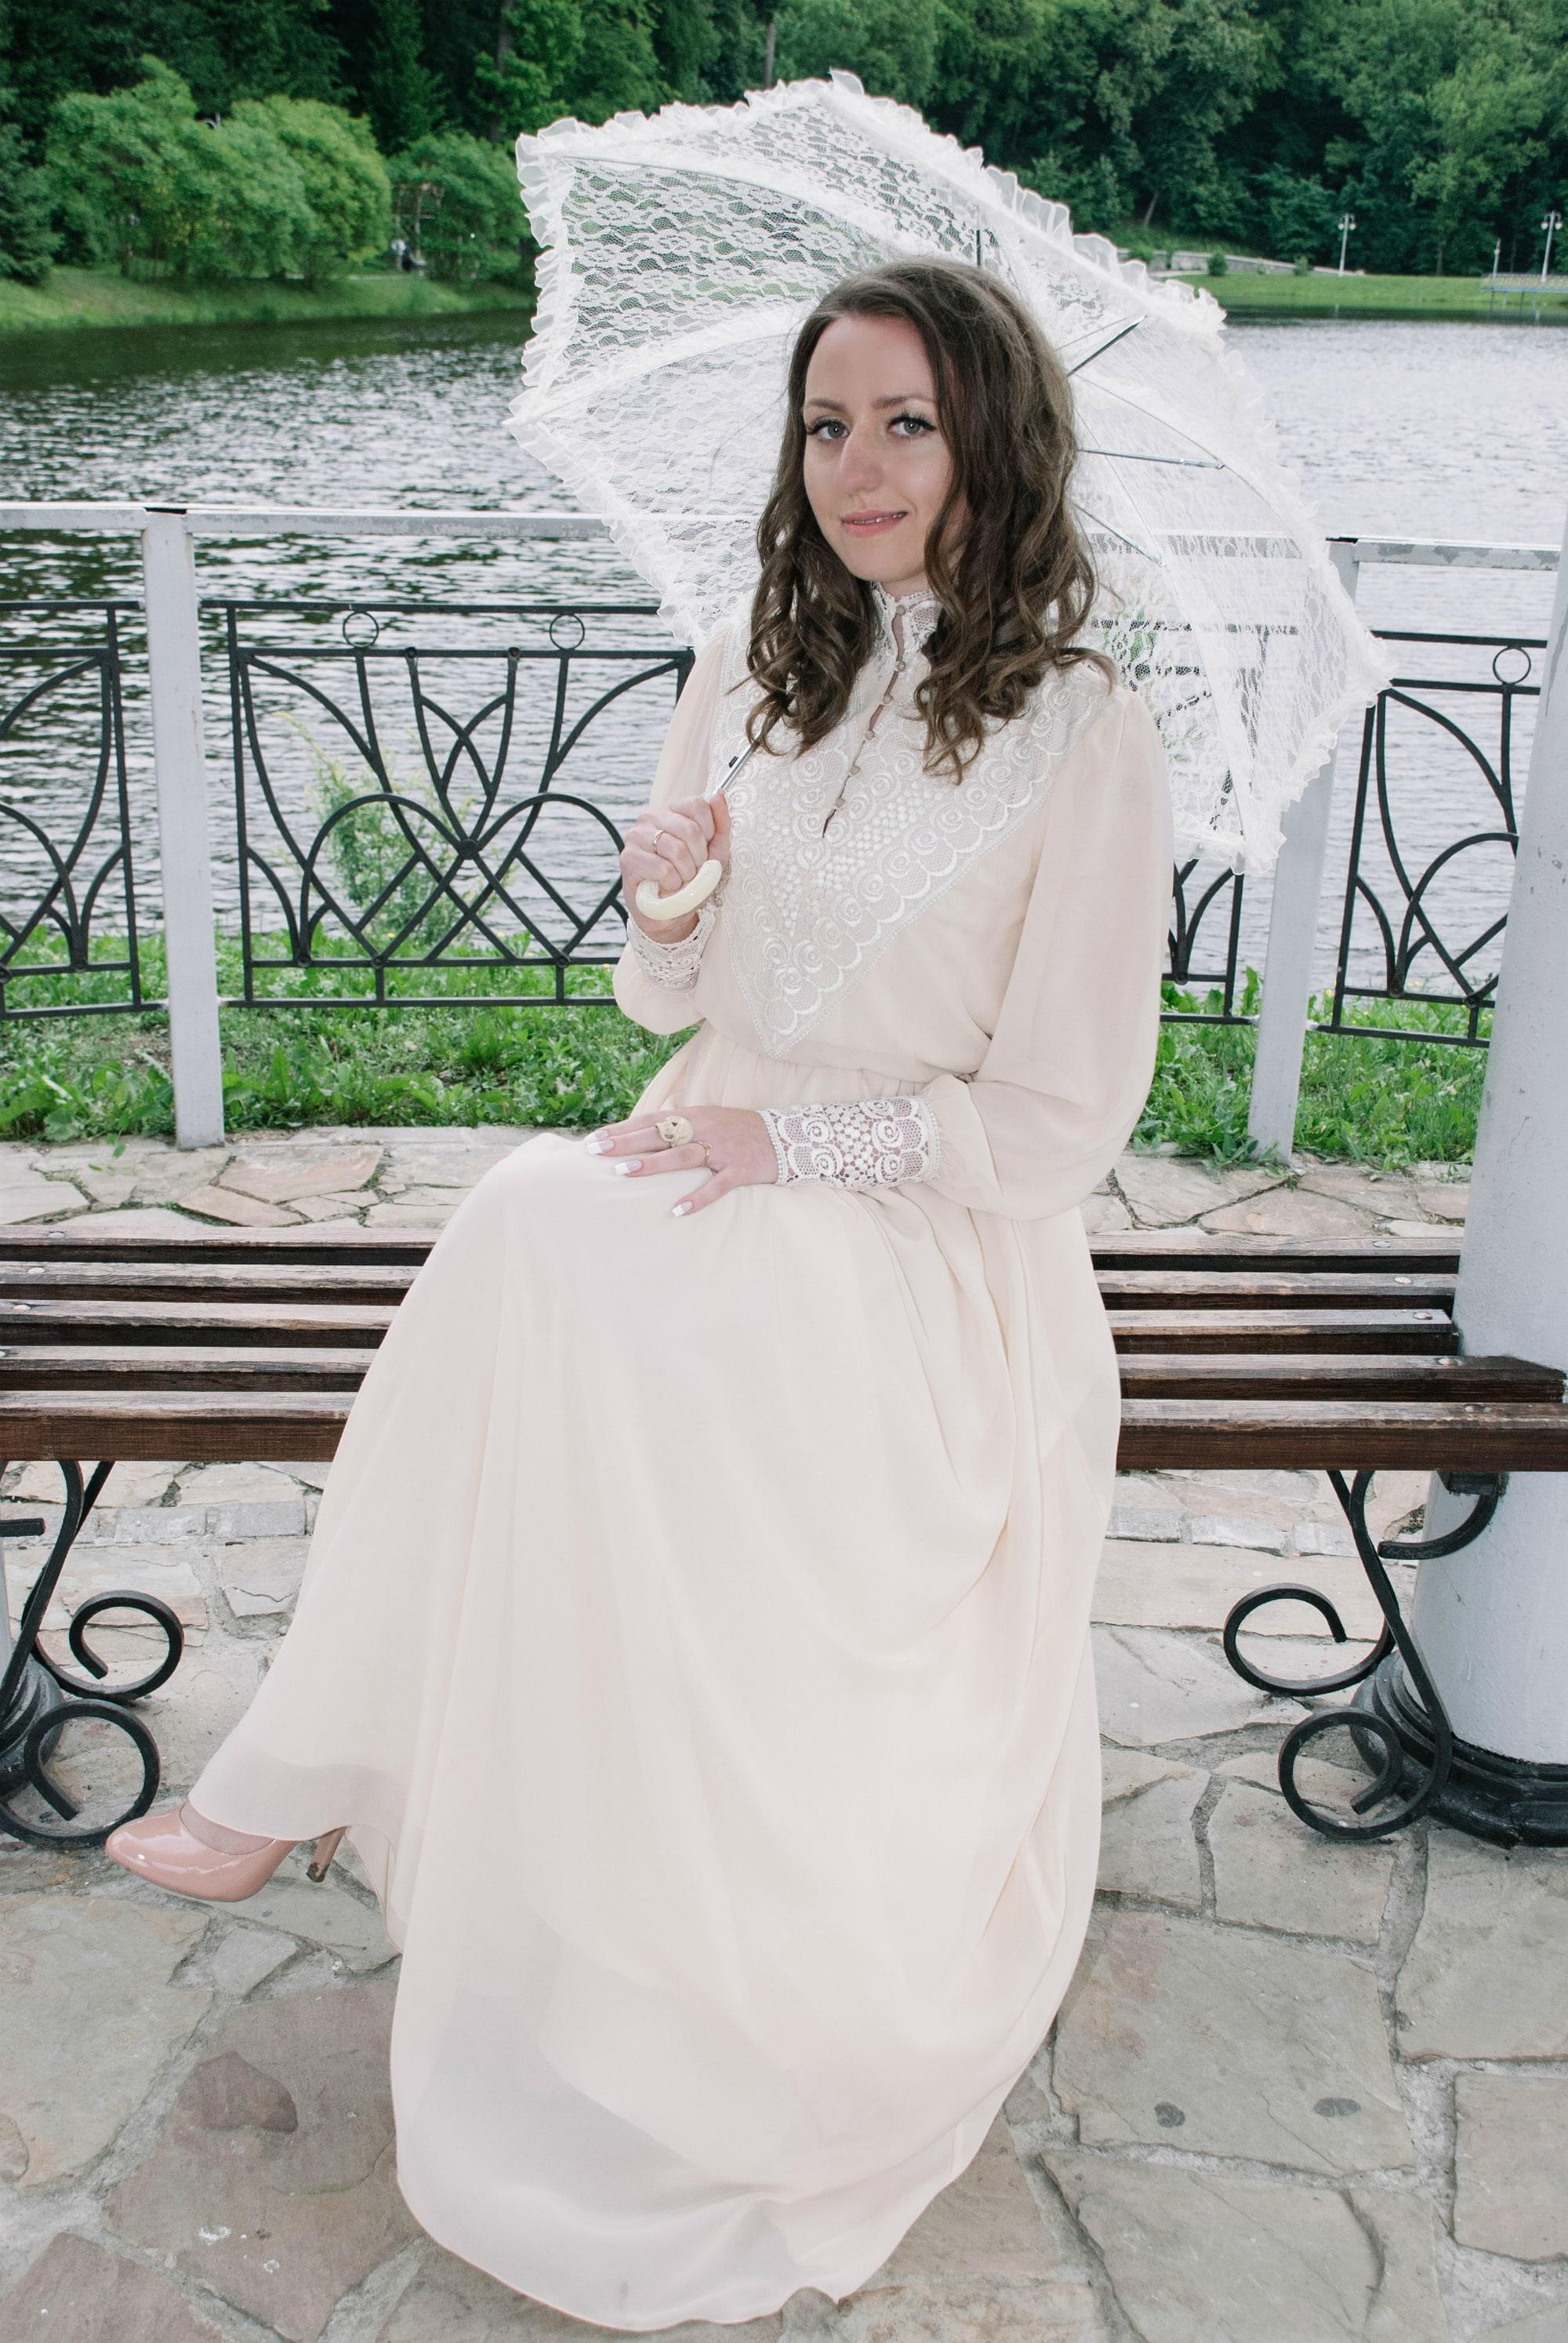 Невеста с зонтом - Фотограф Киев - Женя Лайт